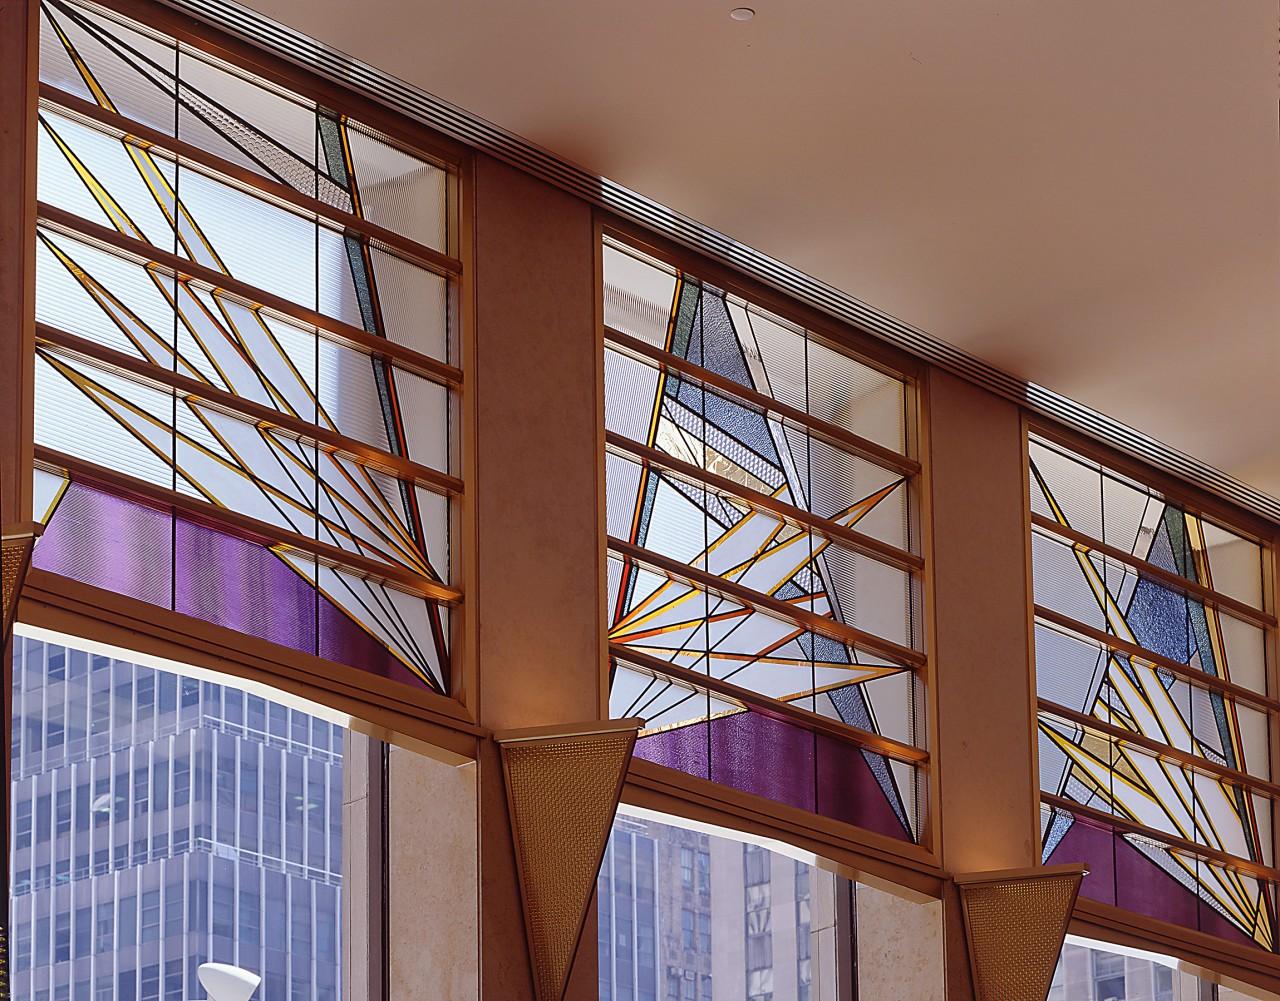 1251 Rockefeller Center, New York, NY / image 5